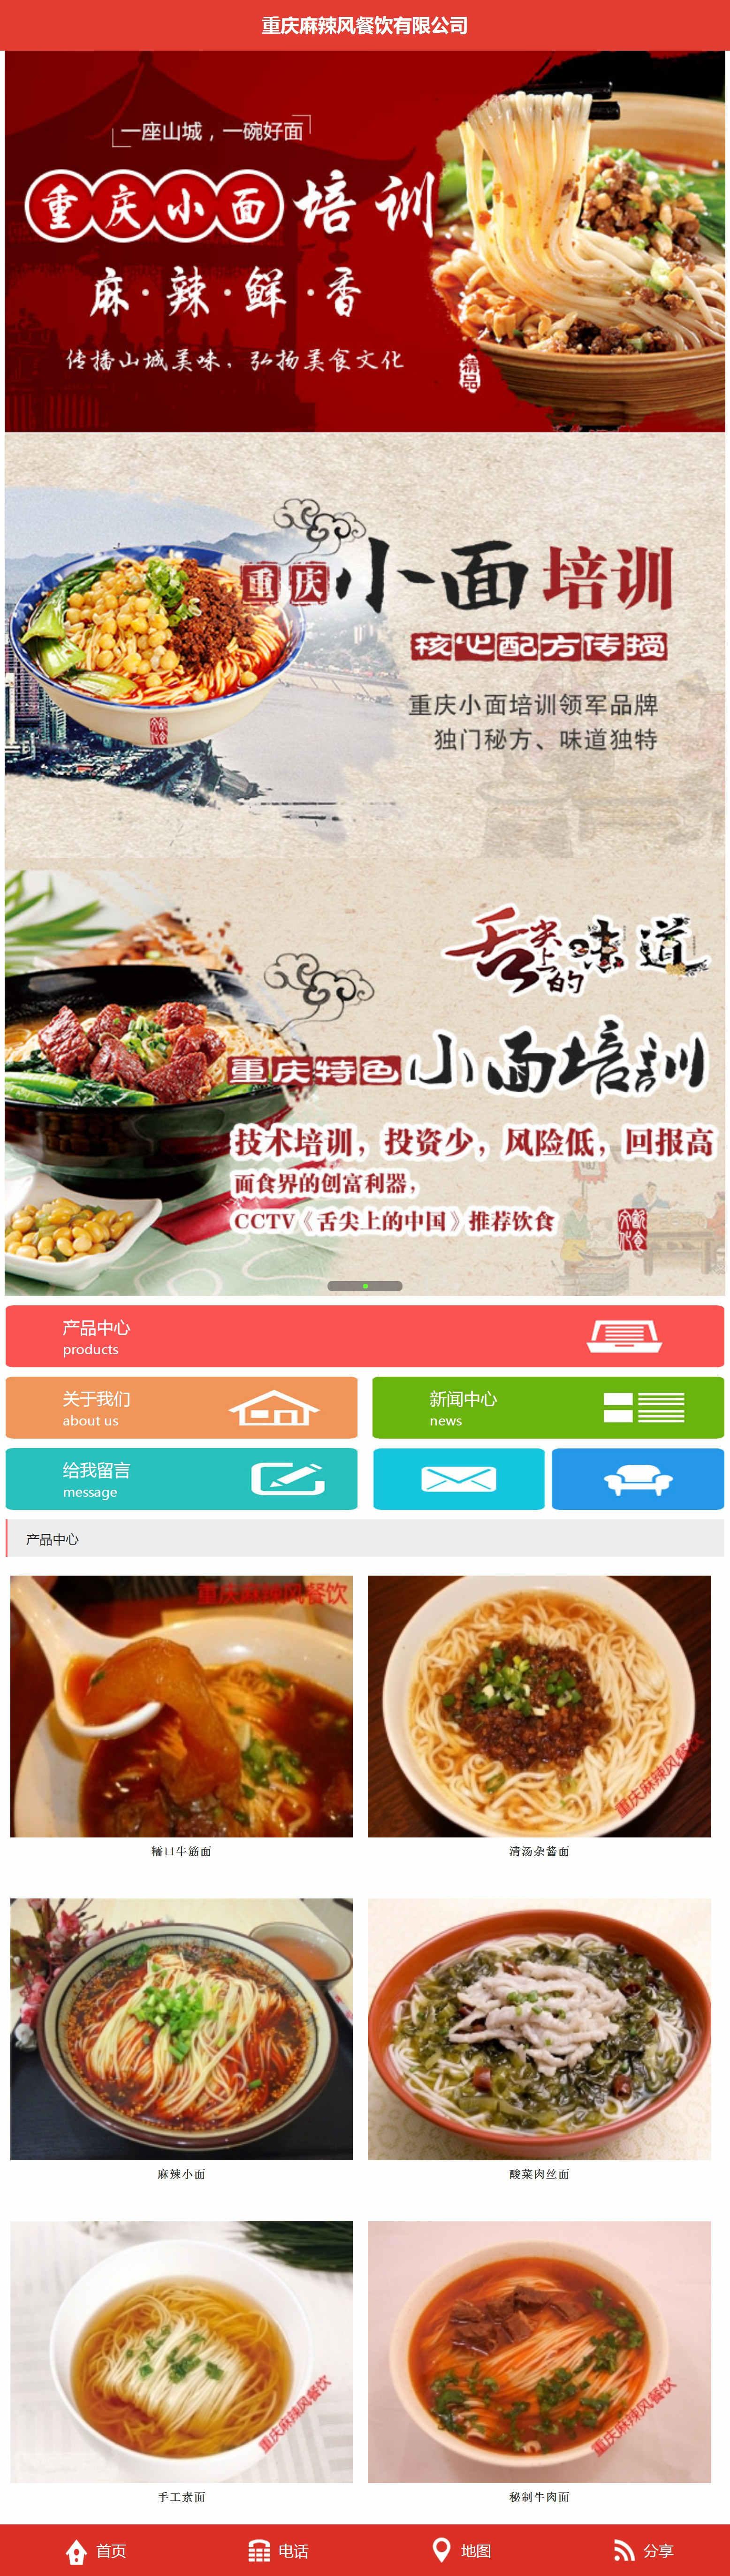 重慶網站制作